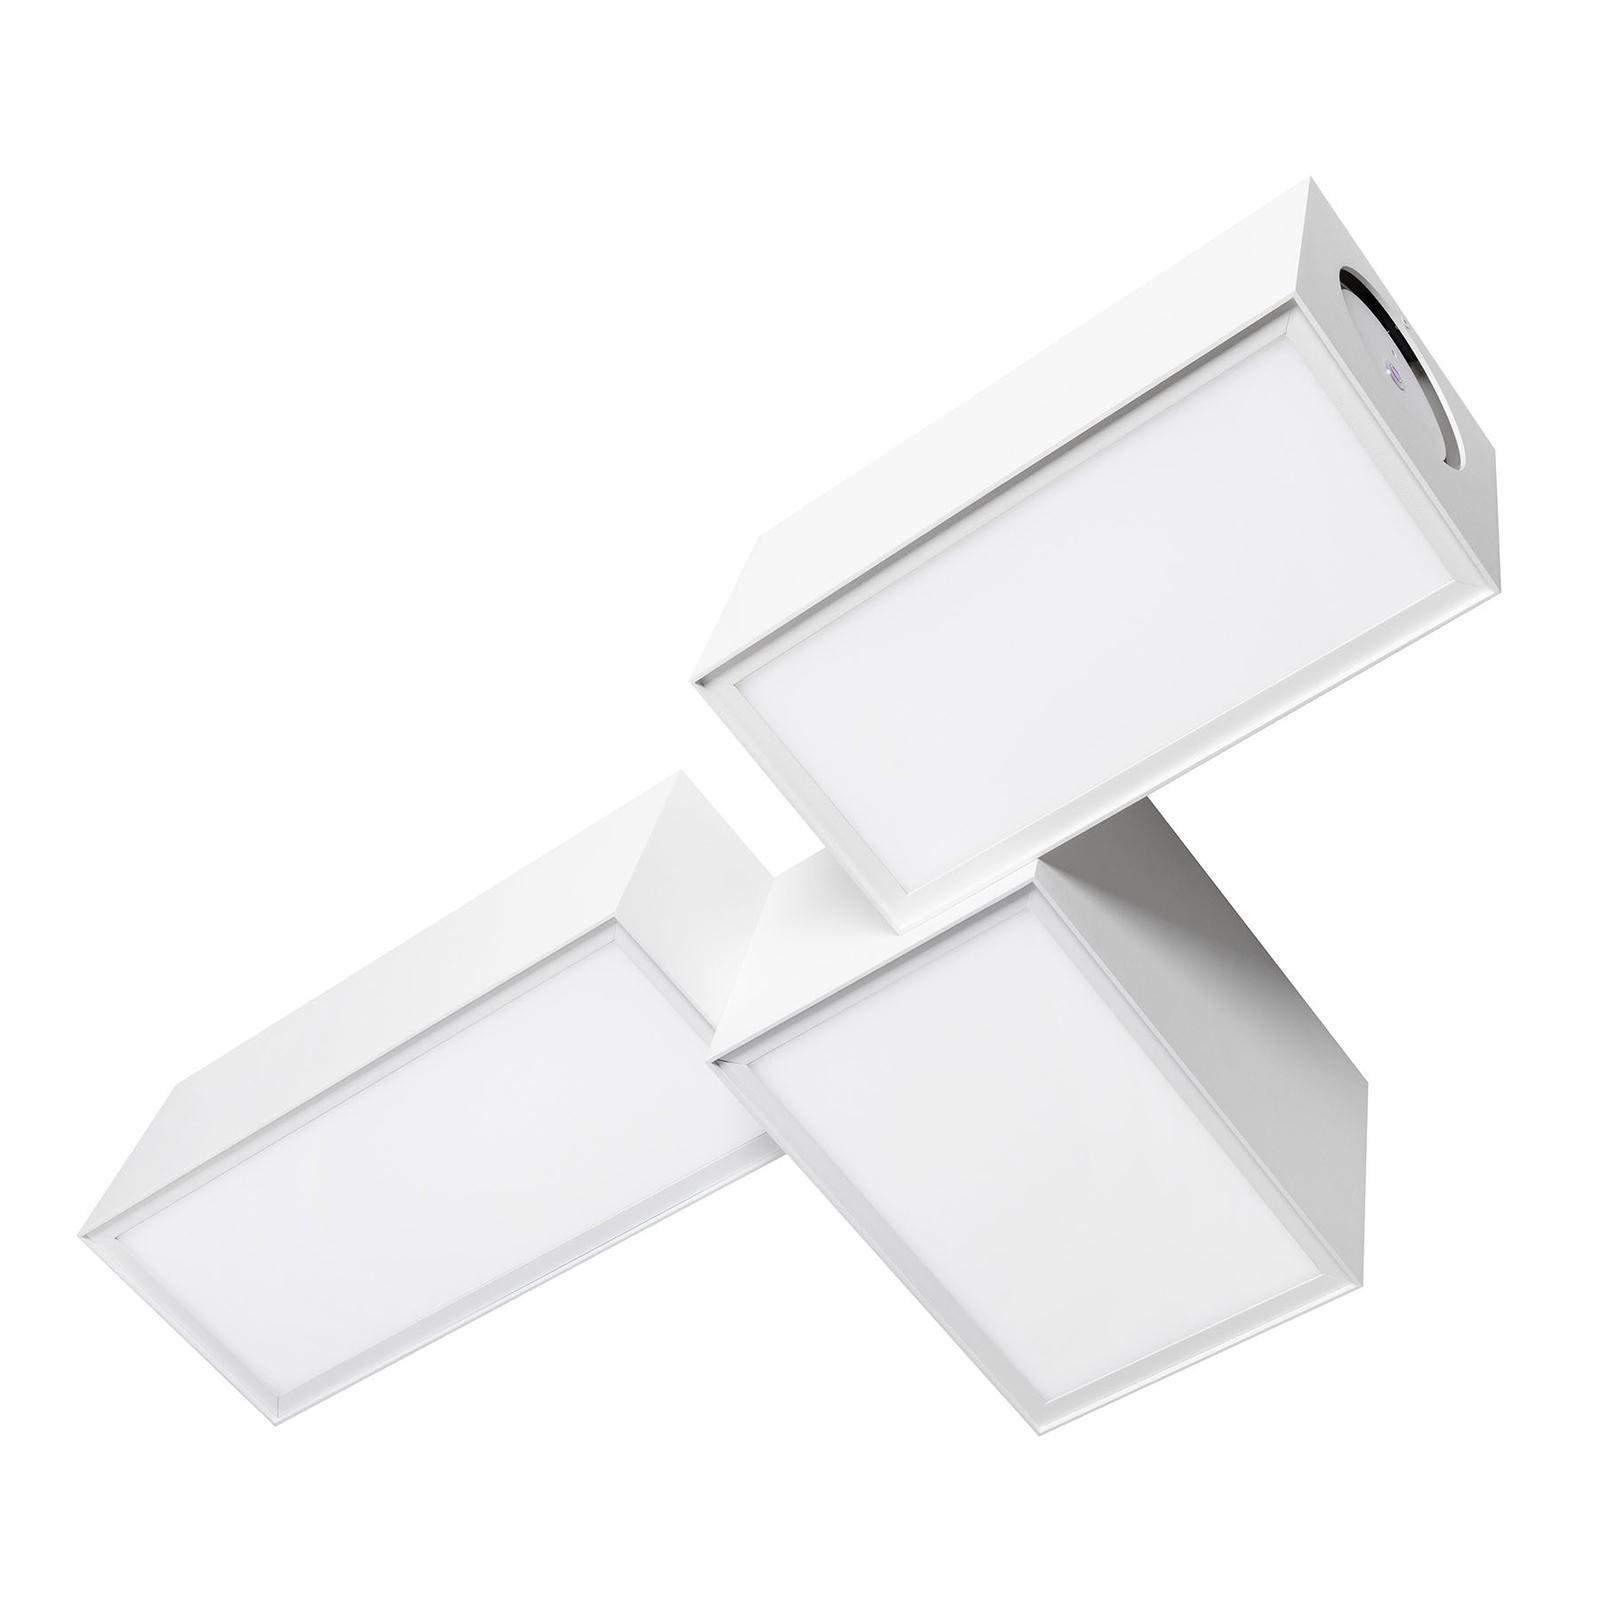 Ozonos Stella Deckenlampe mit AC-1 Plus, weiß